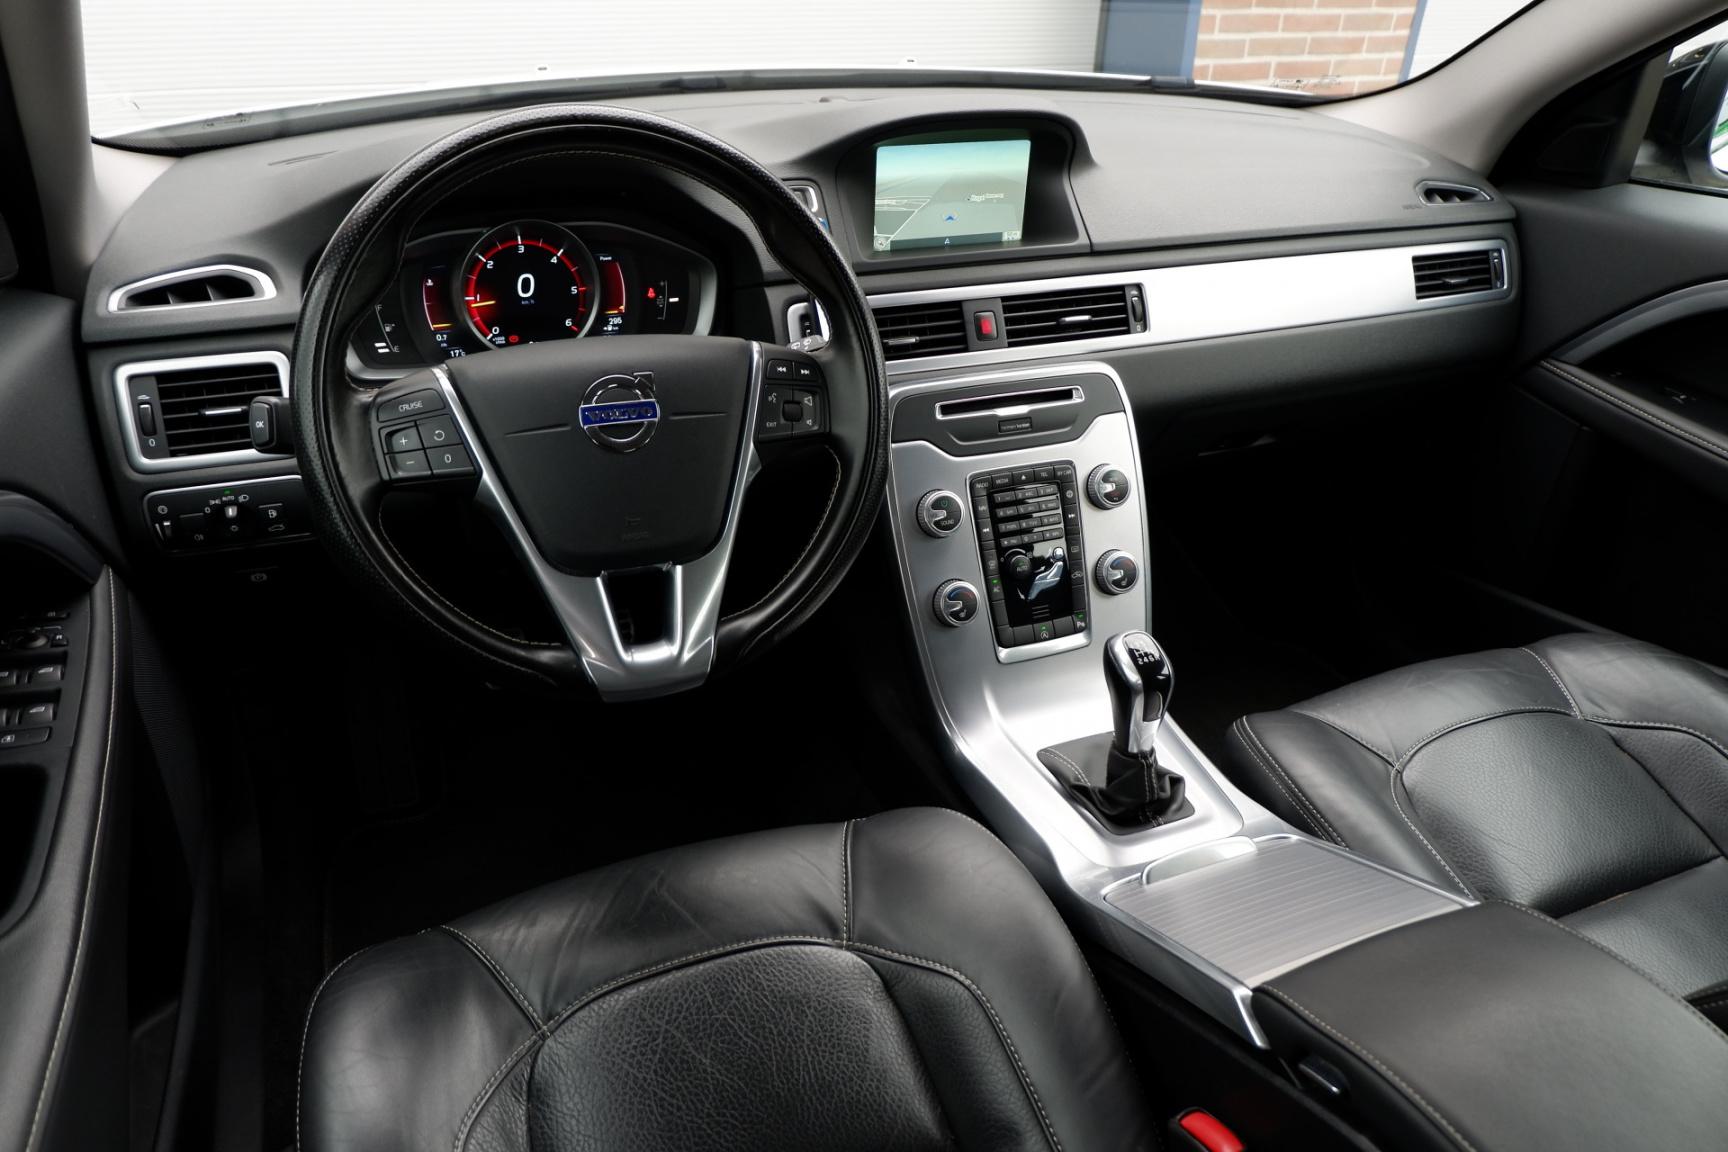 Volvo-V70-12